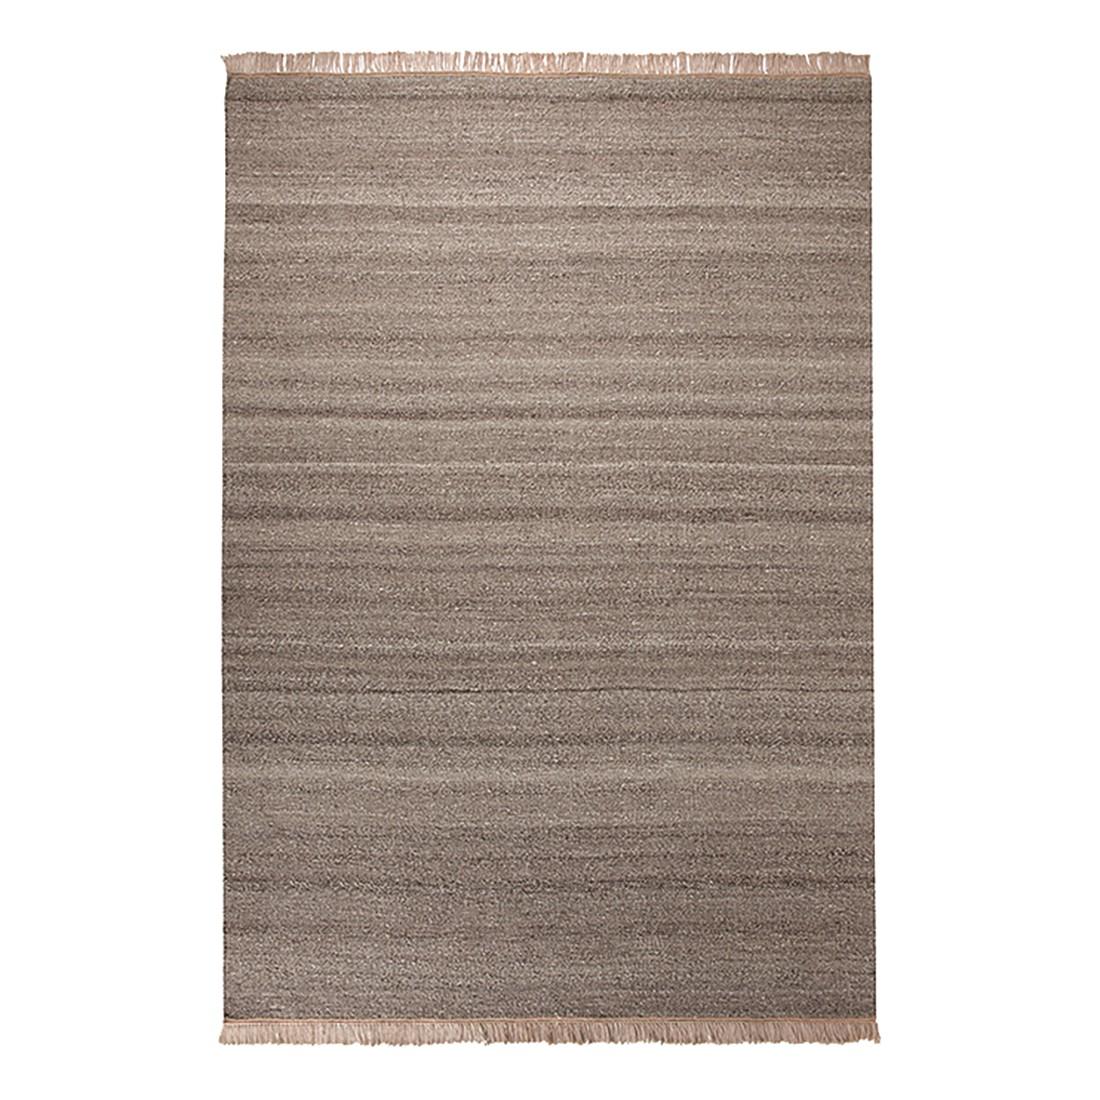 Teppich Blurred – Sand – Maße: 80 x 150 cm, Esprit Home günstig bestellen